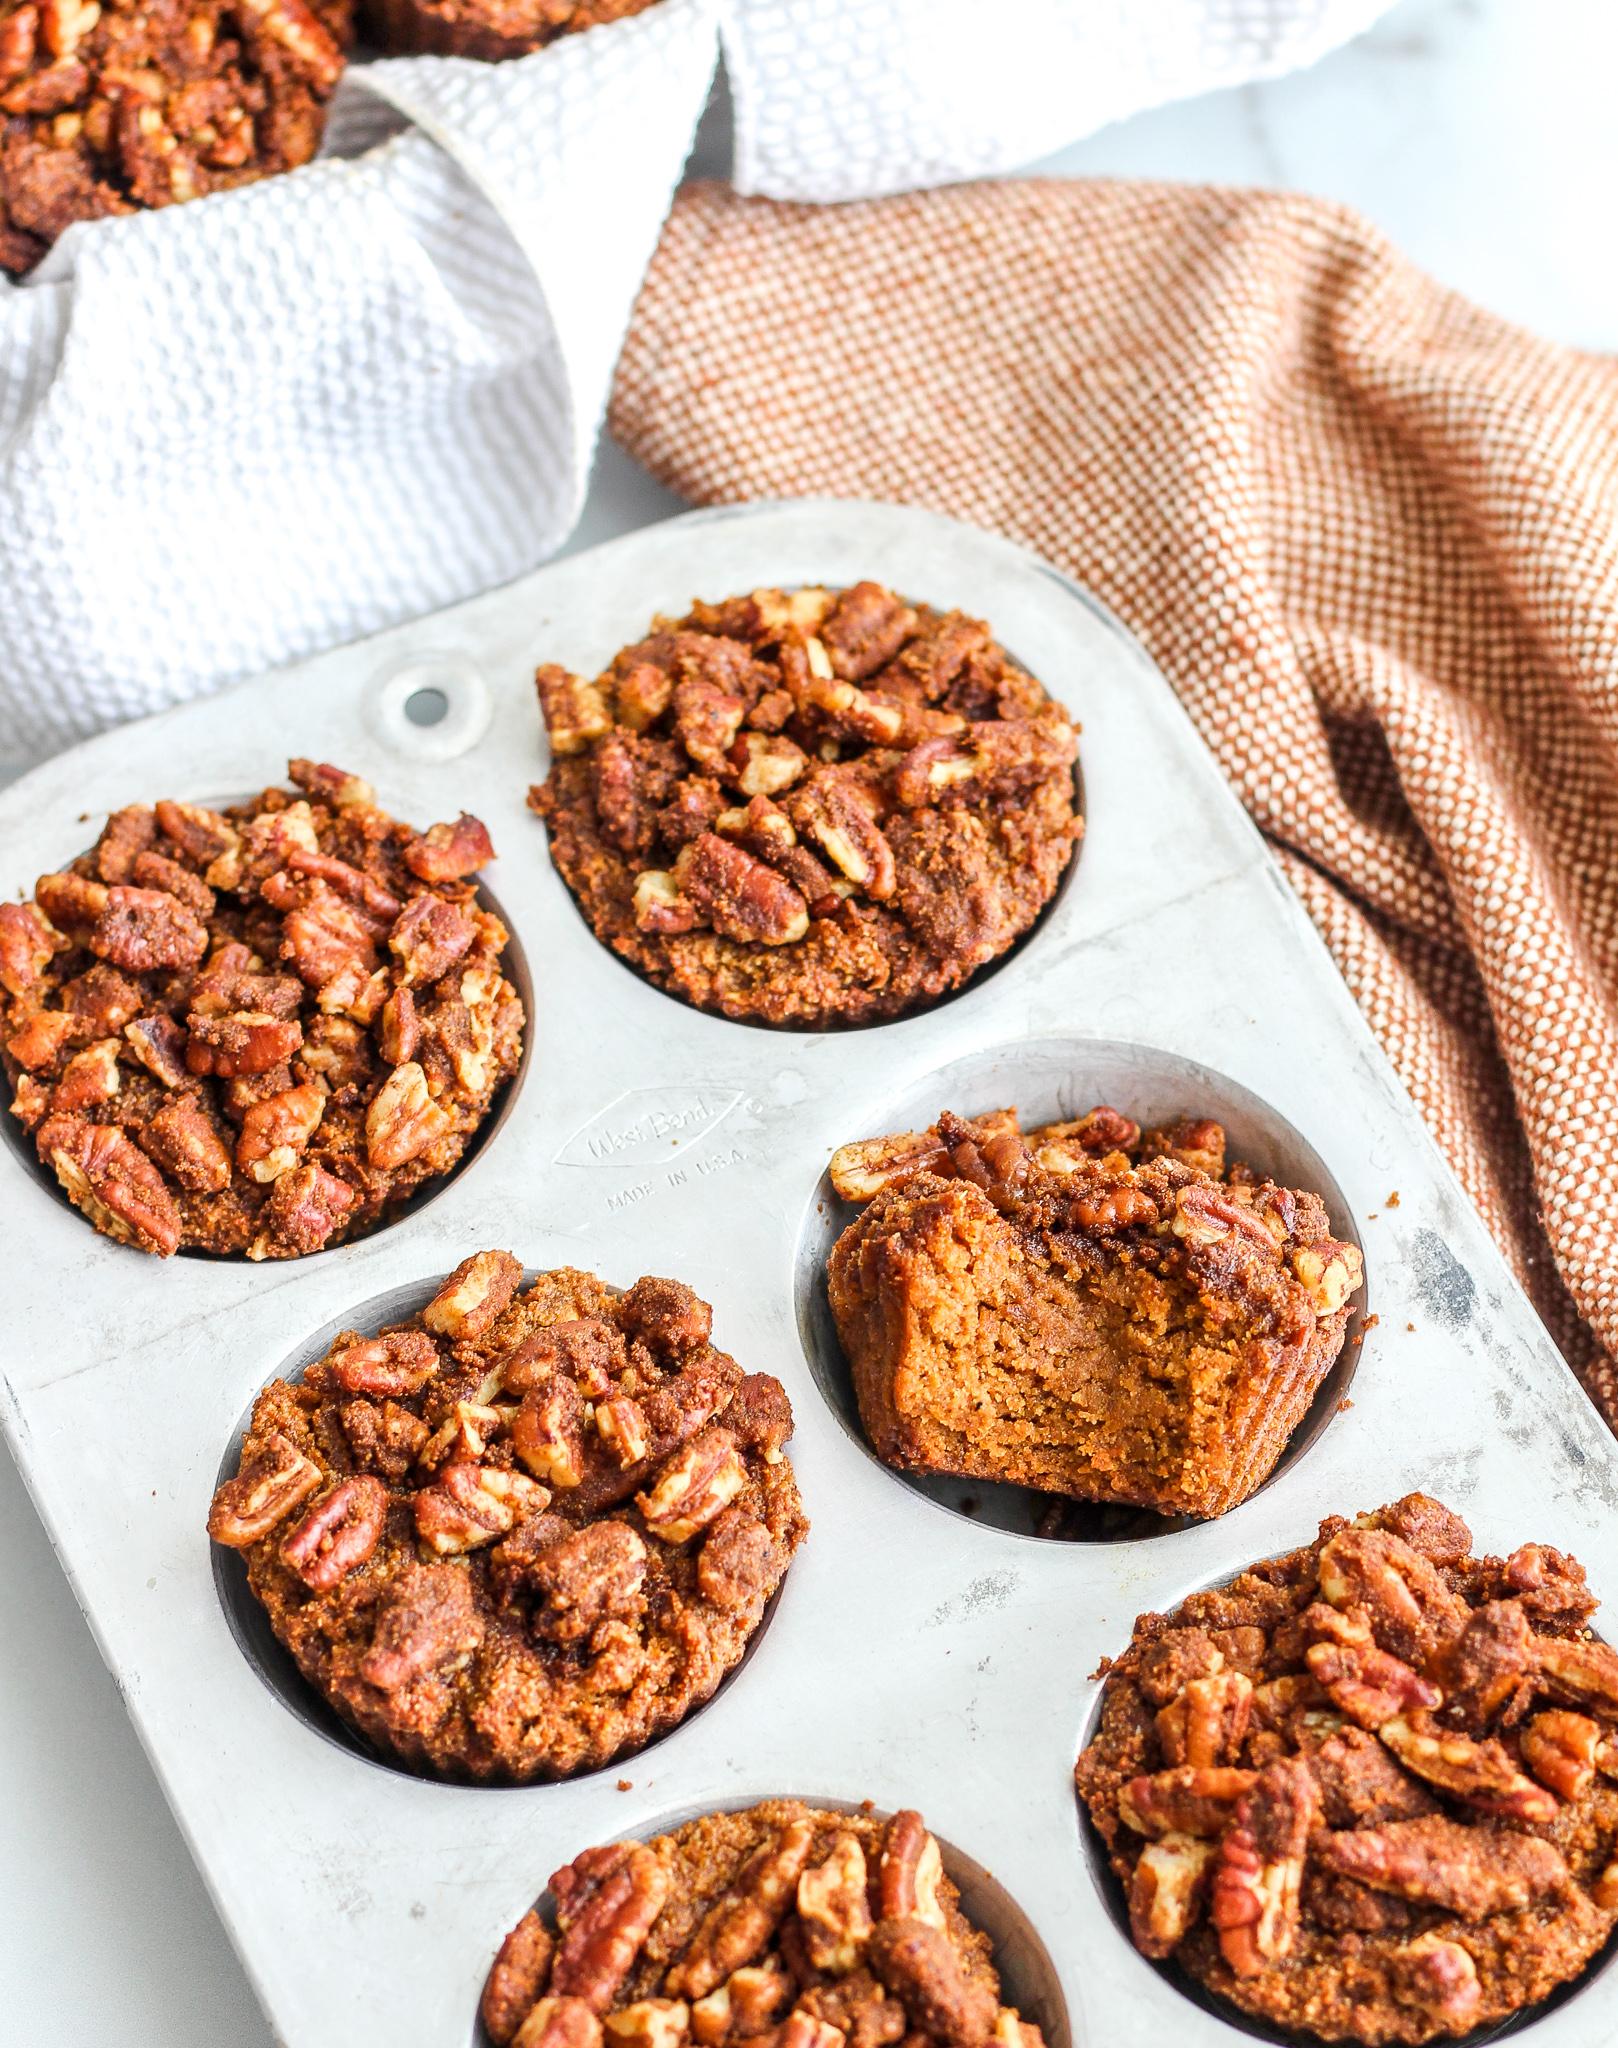 Paleo Pumpkin Streusel Muffins in a silver muffin tin